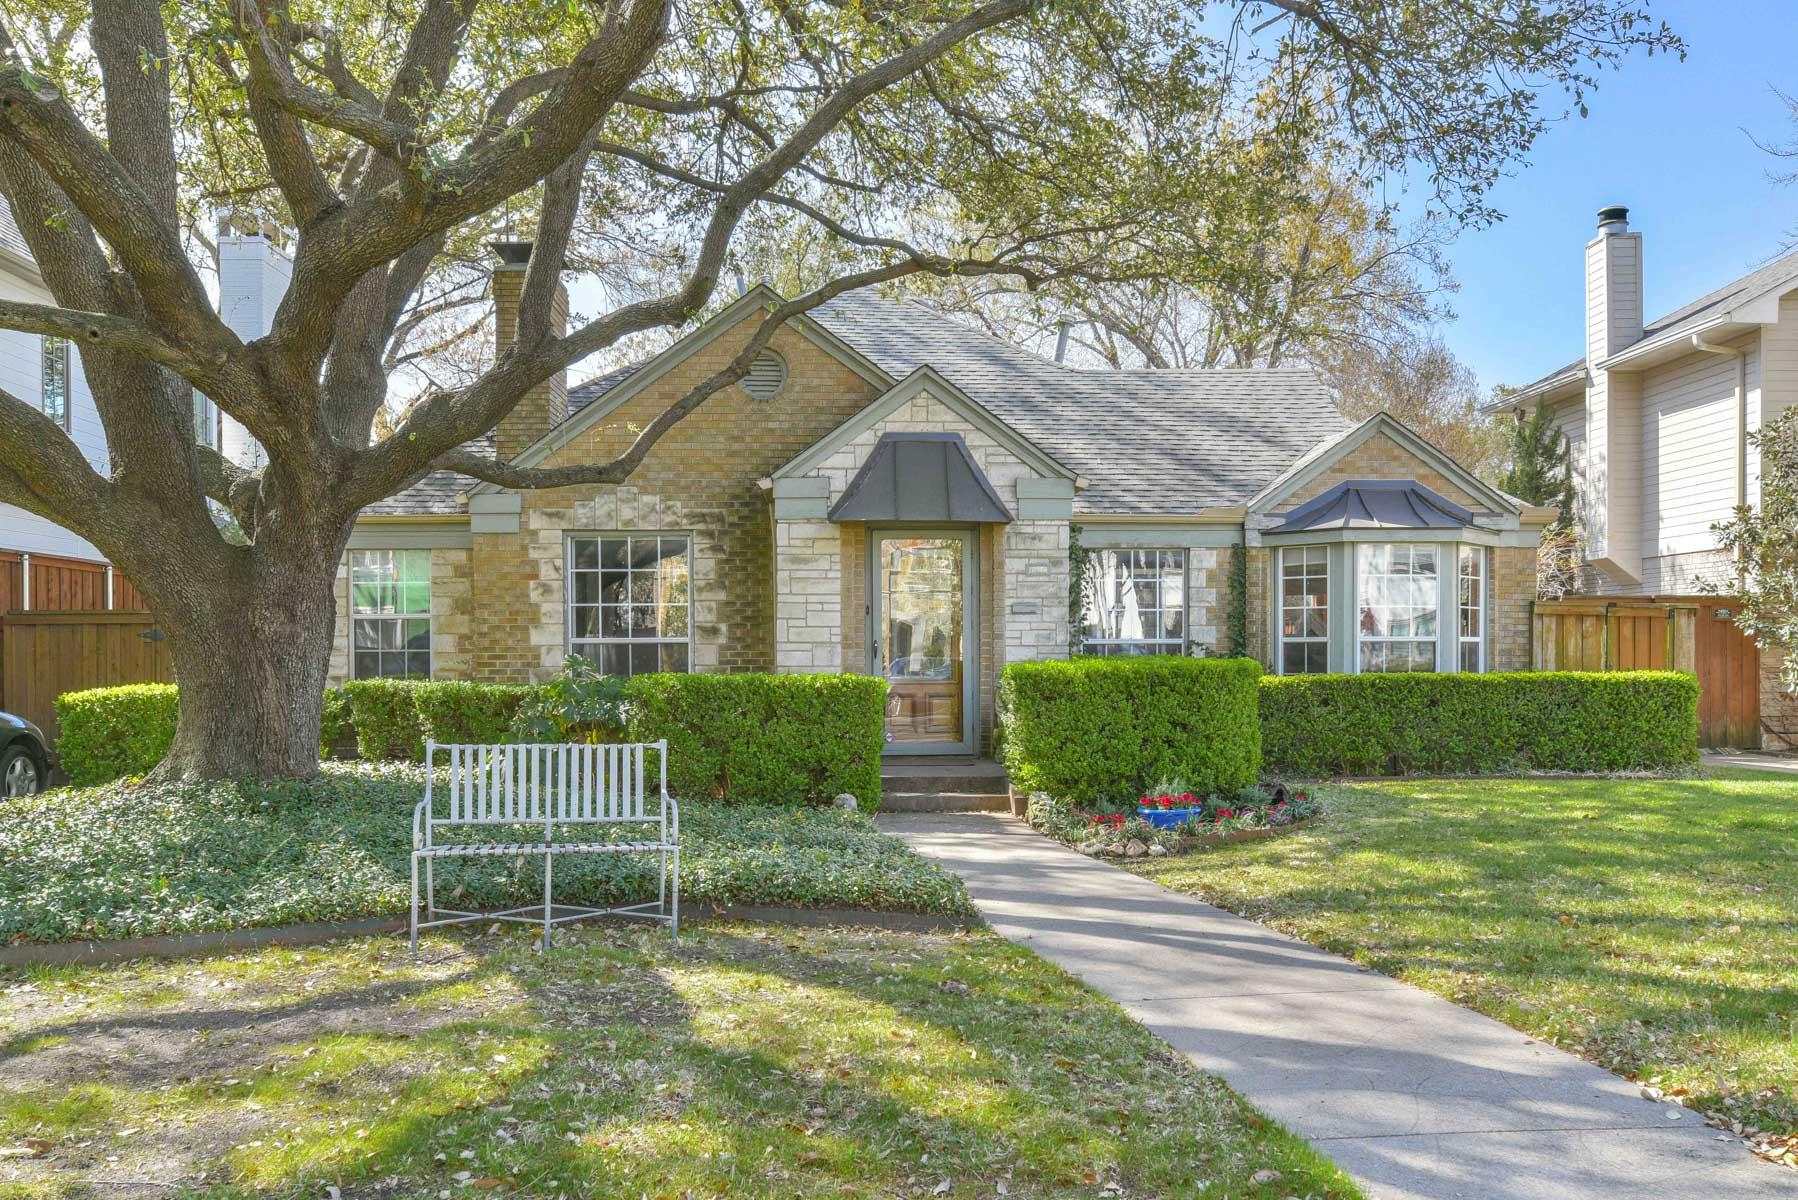 Maison unifamiliale pour l Vente à Charming University Park Traditional 4313 Purdue Ave Dallas, Texas, 75225 États-Unis